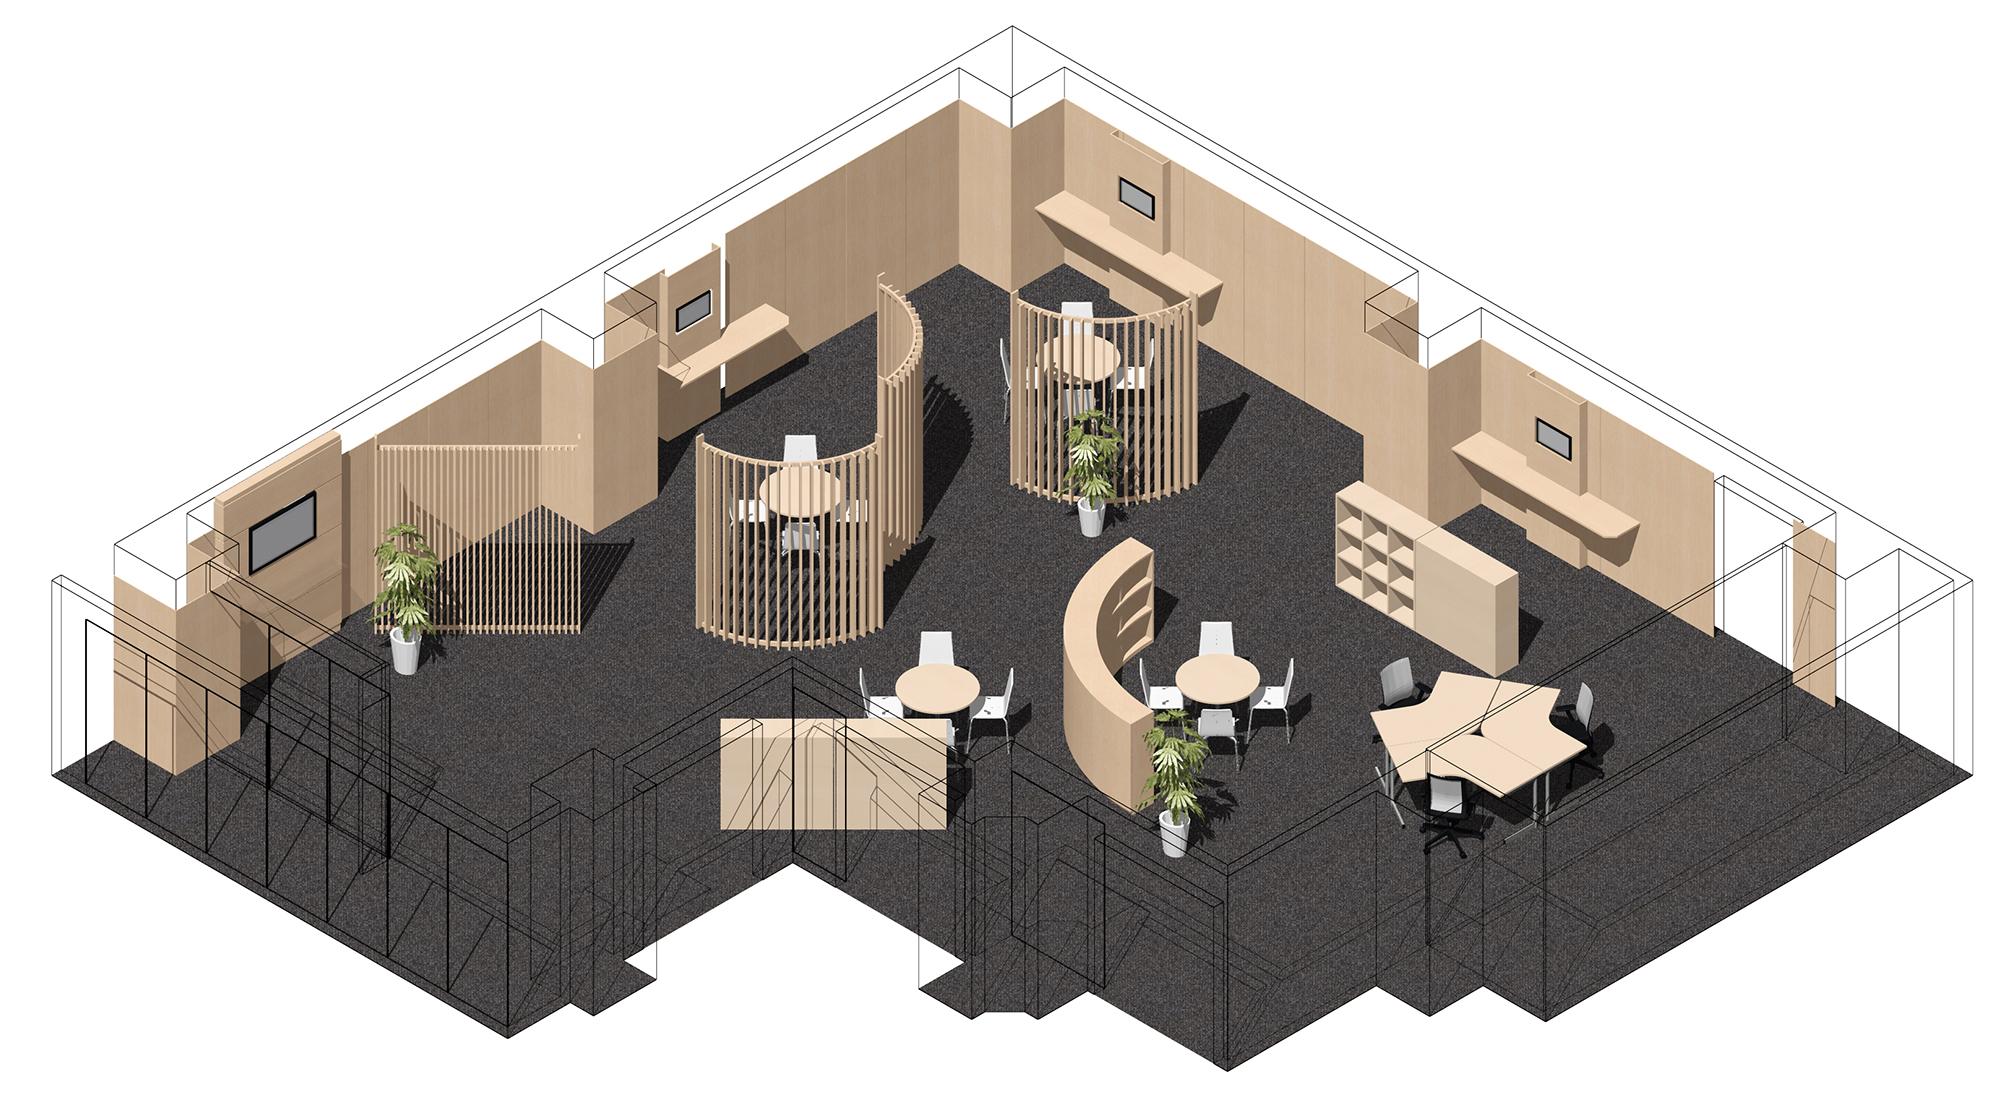 木調オフィス・スマートロック対応の会議室にリノベーション 施工費用を最大50%カット「EDO会議室」 リリース